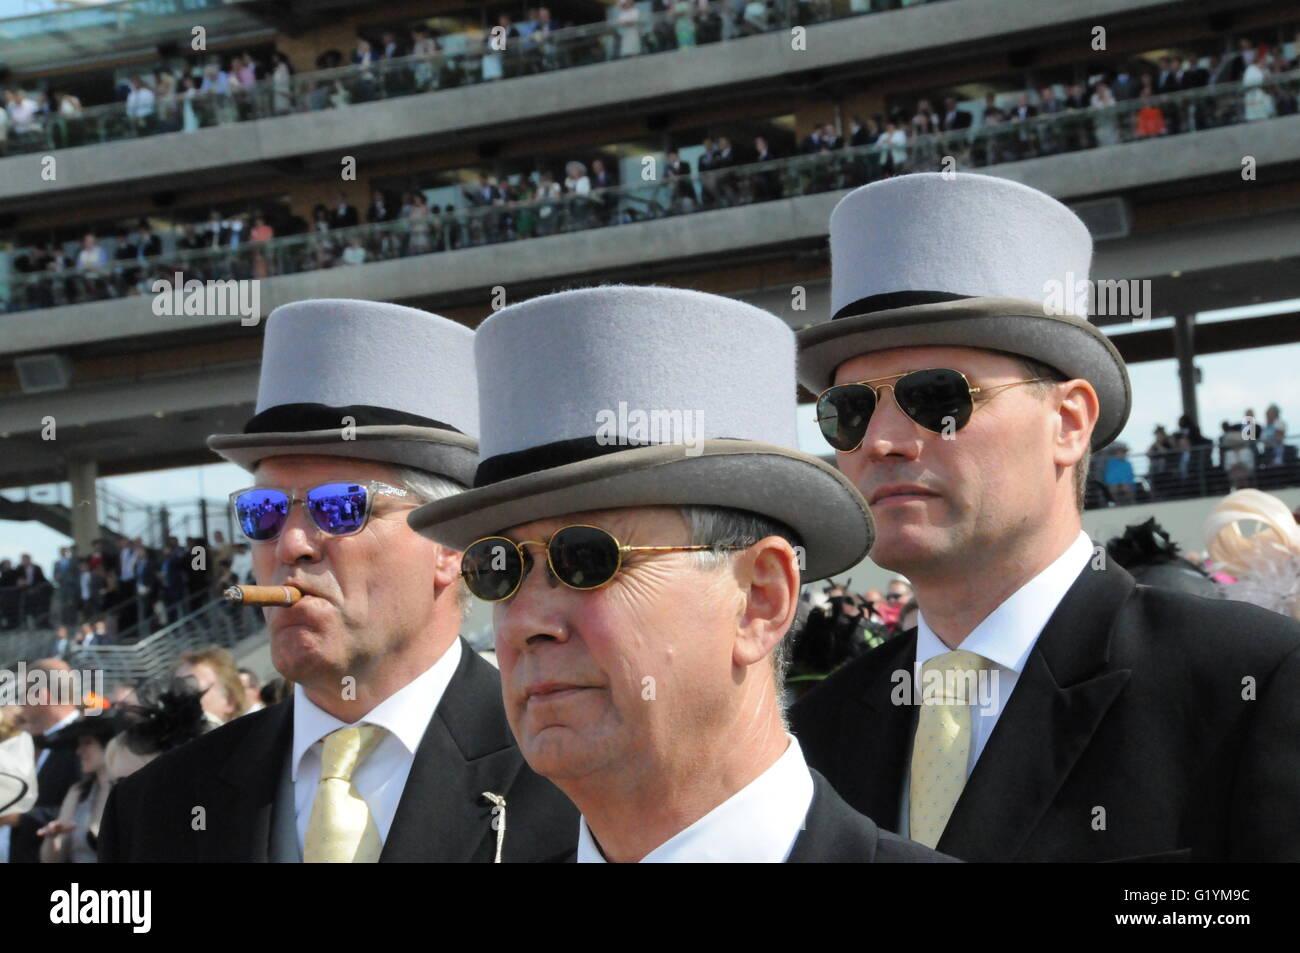 Punters wearing top hats and shades, at Royal Ascot - Stock Image